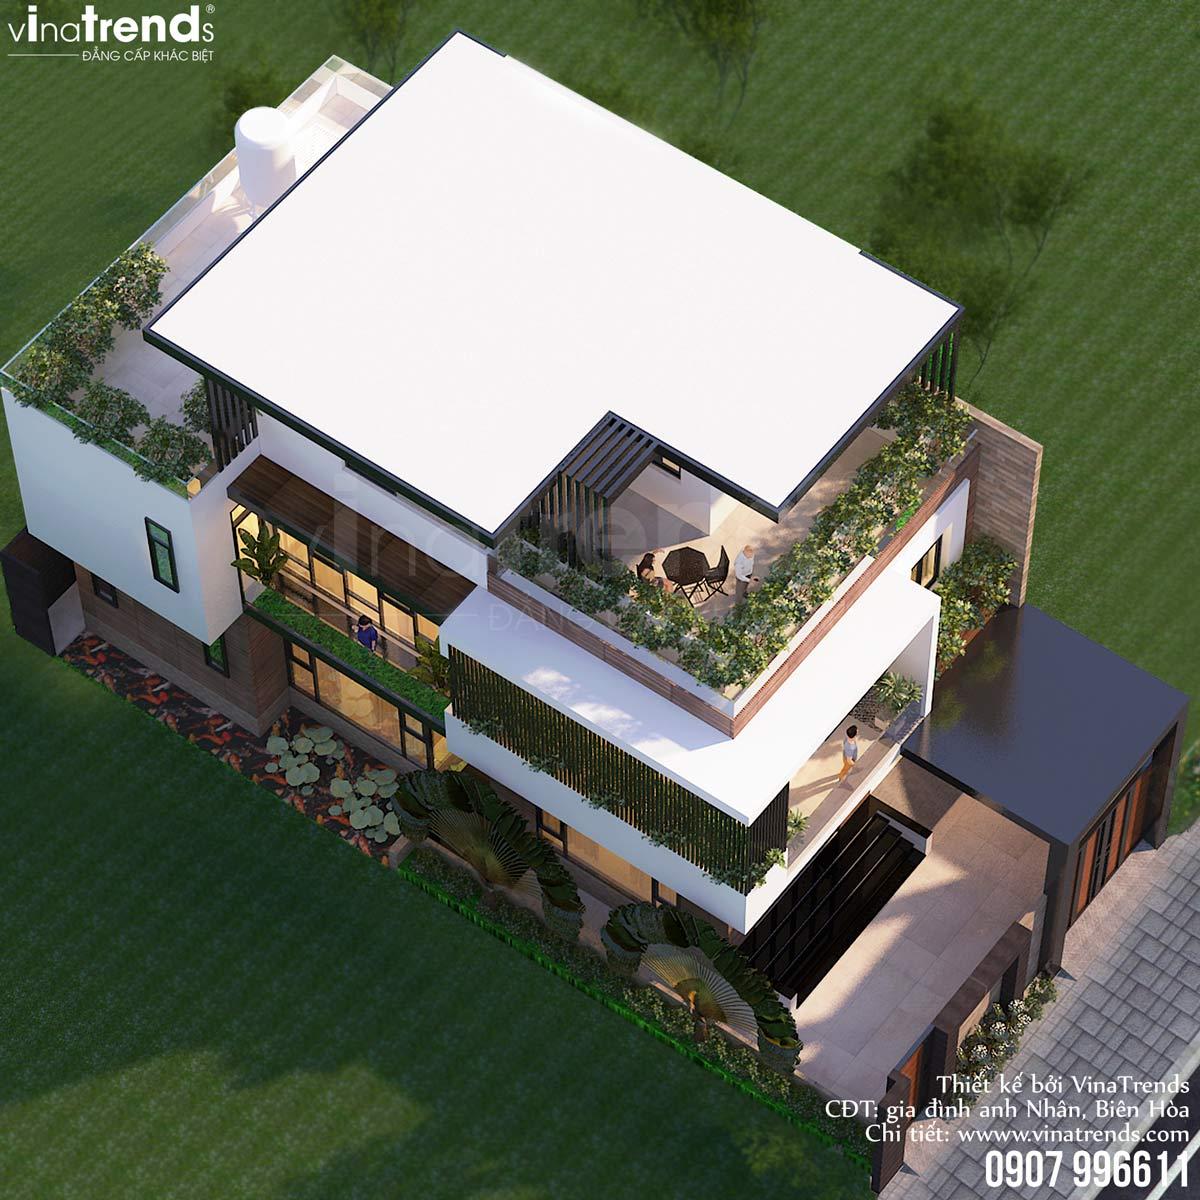 mau nha 3 tang hien dai dep nhat viet nam Mẫu nhà biệt thự 3 tầng đẹp hiện đại 120m2 xây trên khu đất Vàng ở Bửu Long   Biên Hòa